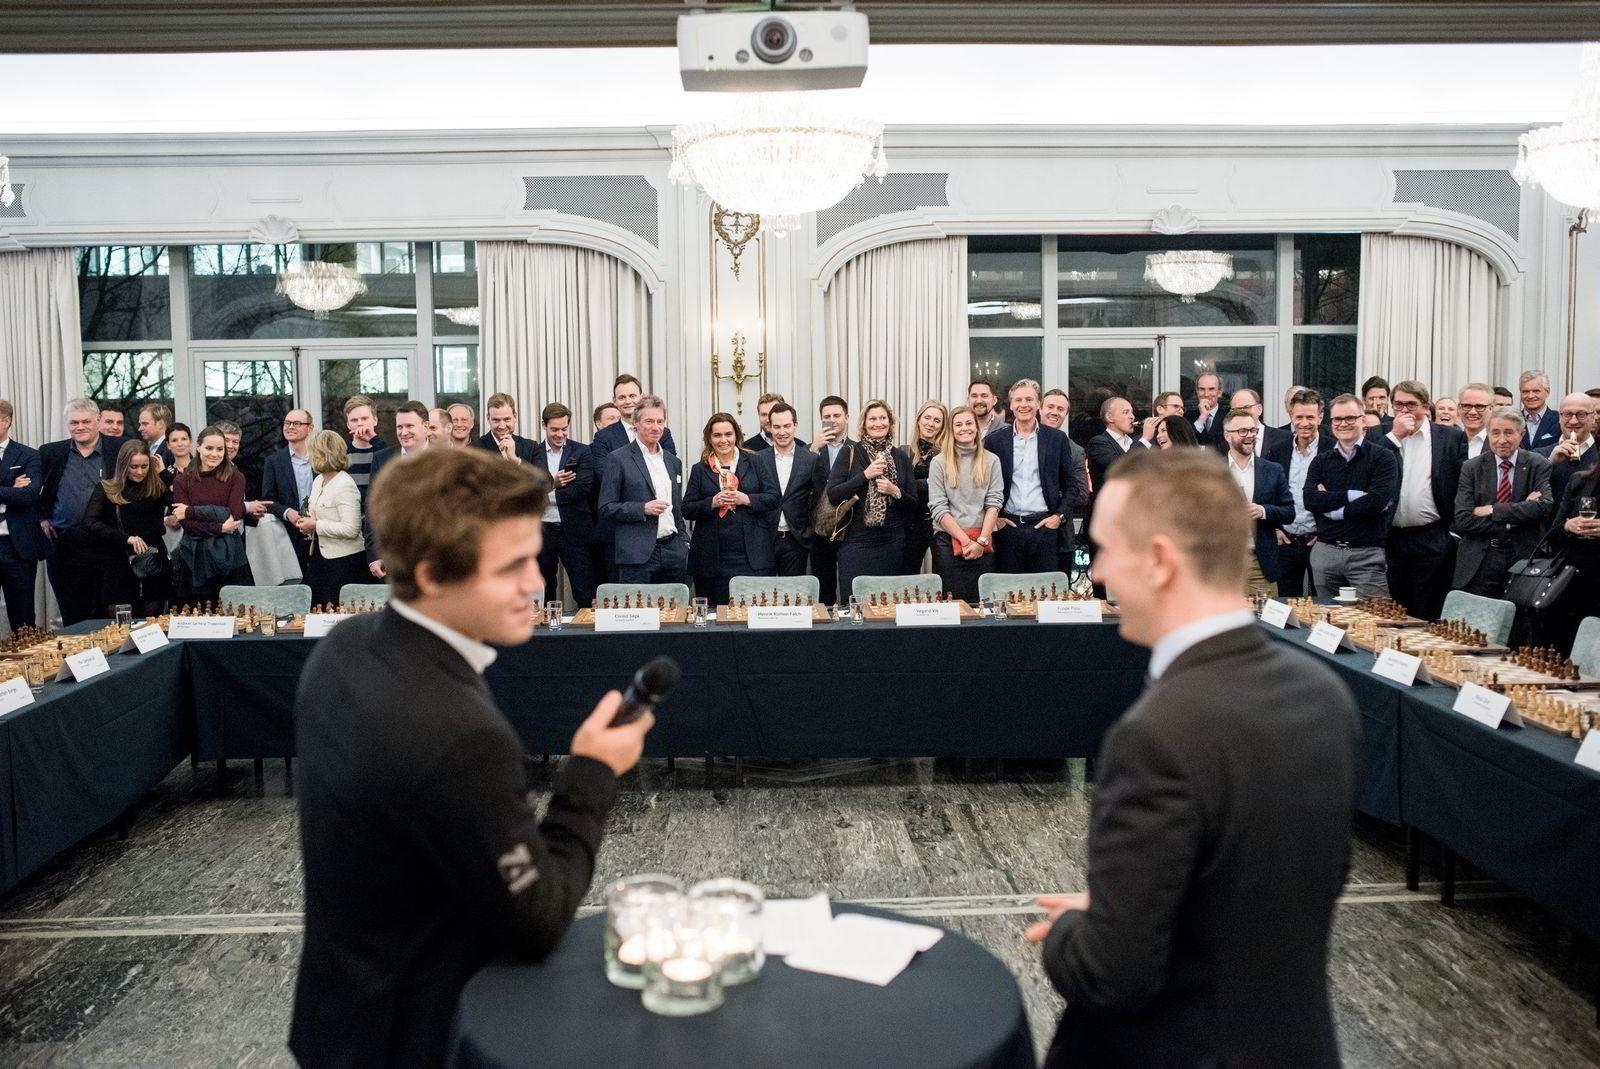 Verdensmester i sjakk Magnus Carlsen under et arrangement i regi sponsoren Arctic Securities. Til høyre Torstein Bae, kjent fra NRKs sjakksendinger.